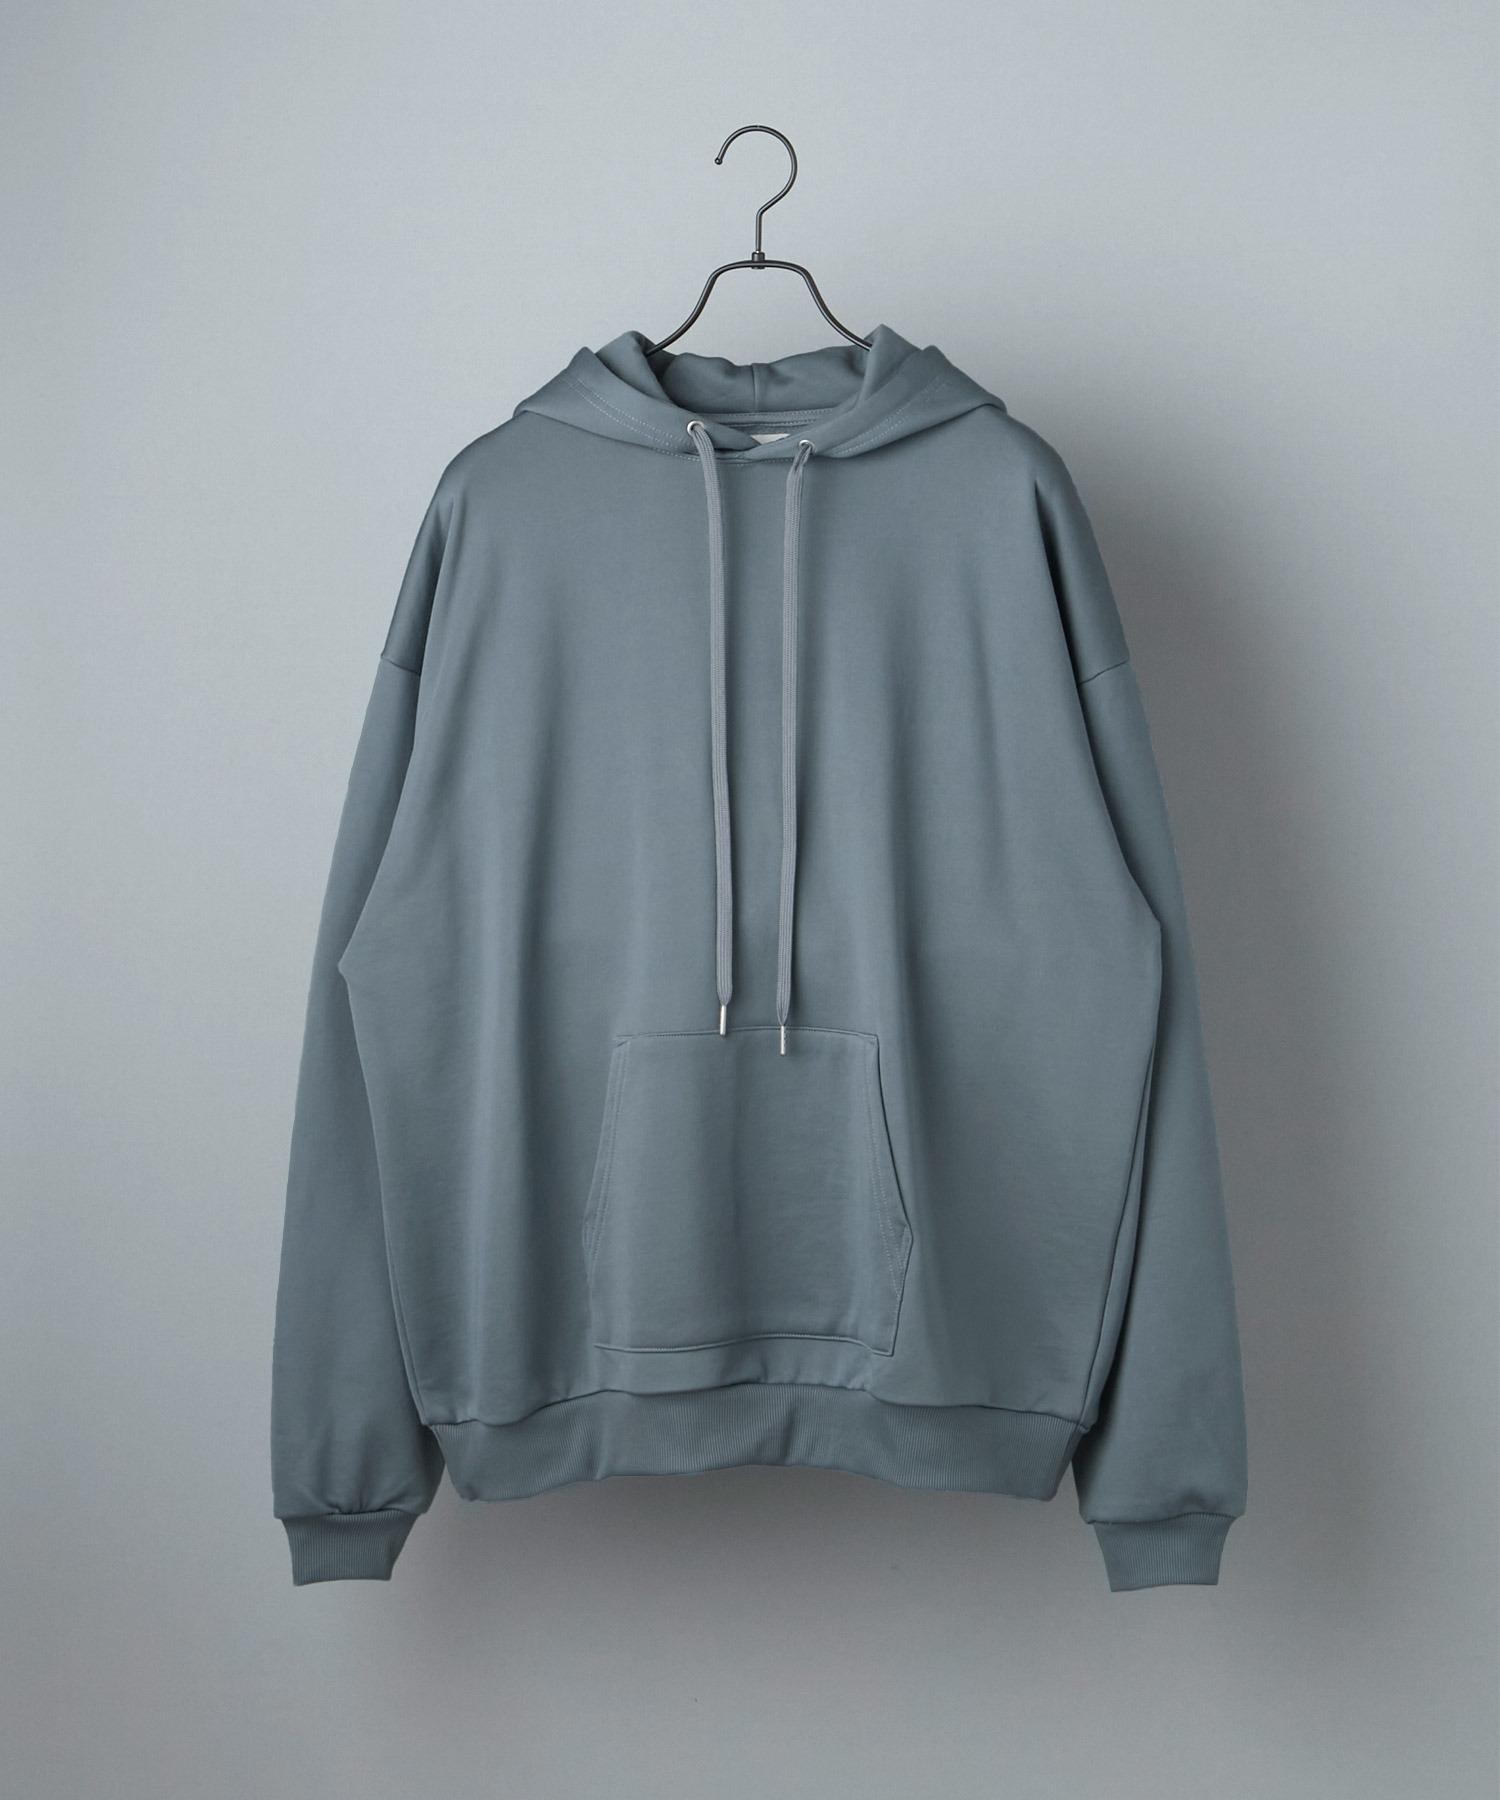 ビッグシルエット クオリティーブライト裏毛 プルオーバーパーカー/EMMA CLOTHES (セットアップ対応)